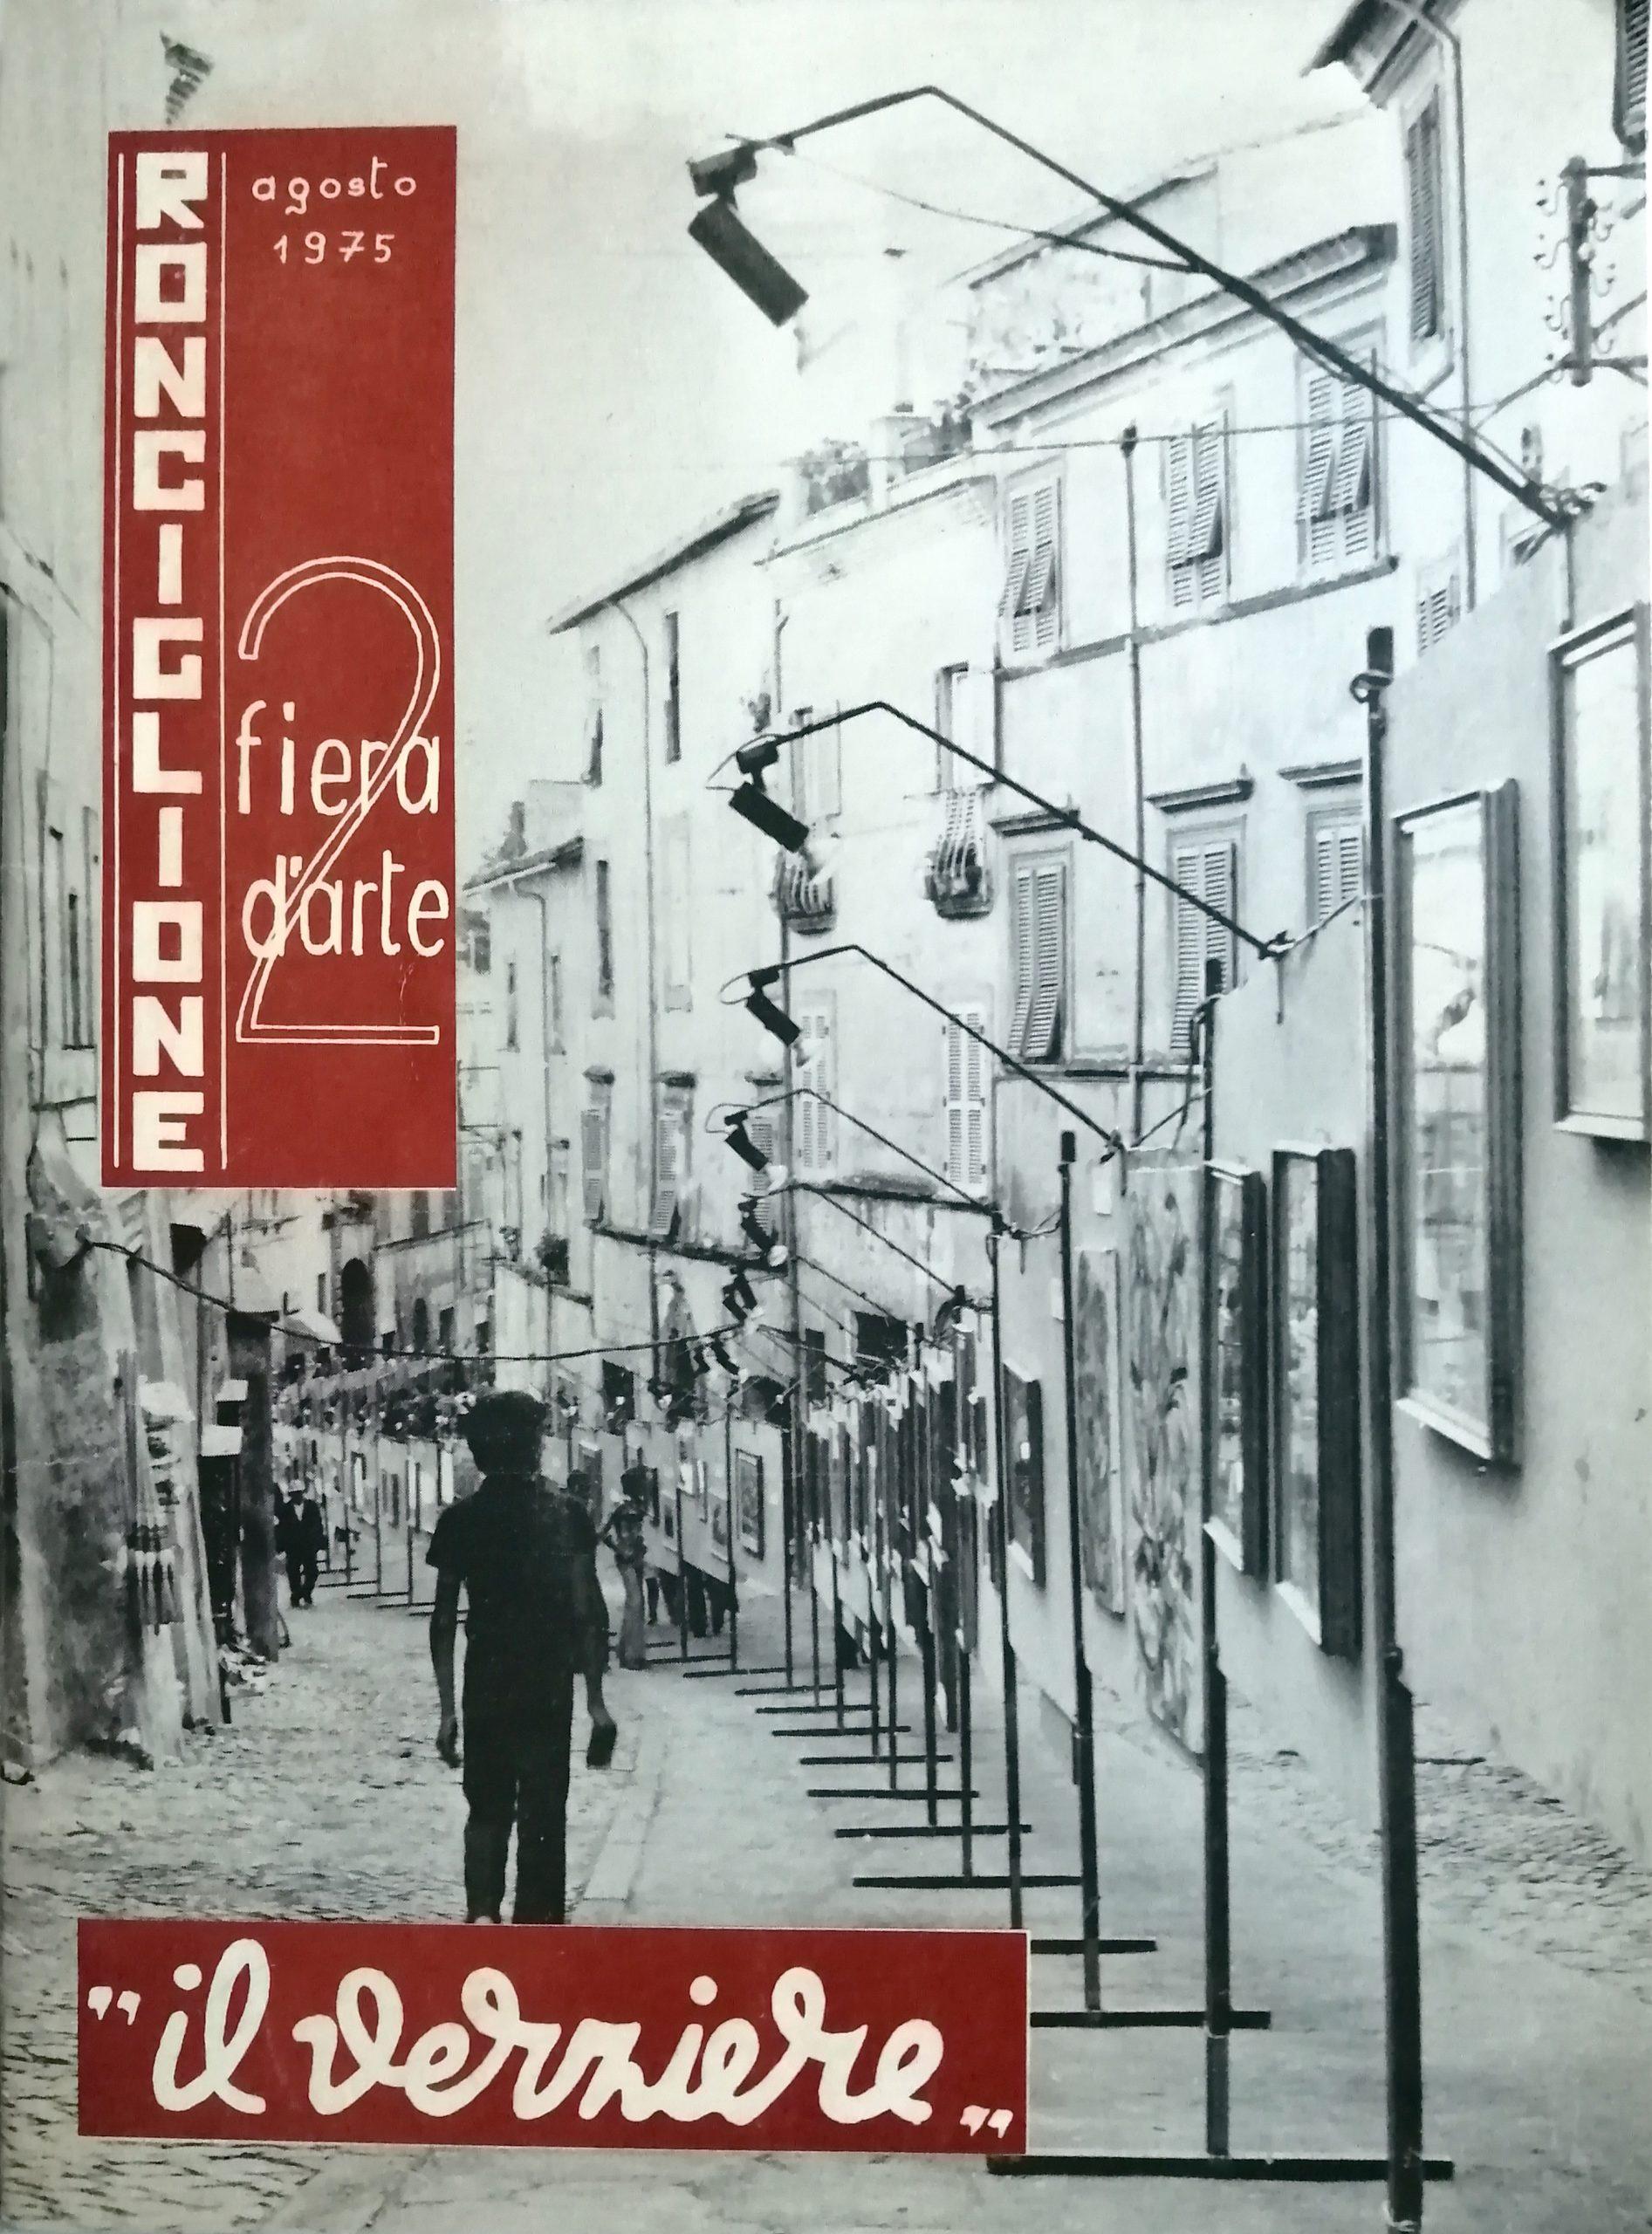 1975 2 Fiera dArte Comune di Ronciglione  scaled - Bibliography/ Catalogues